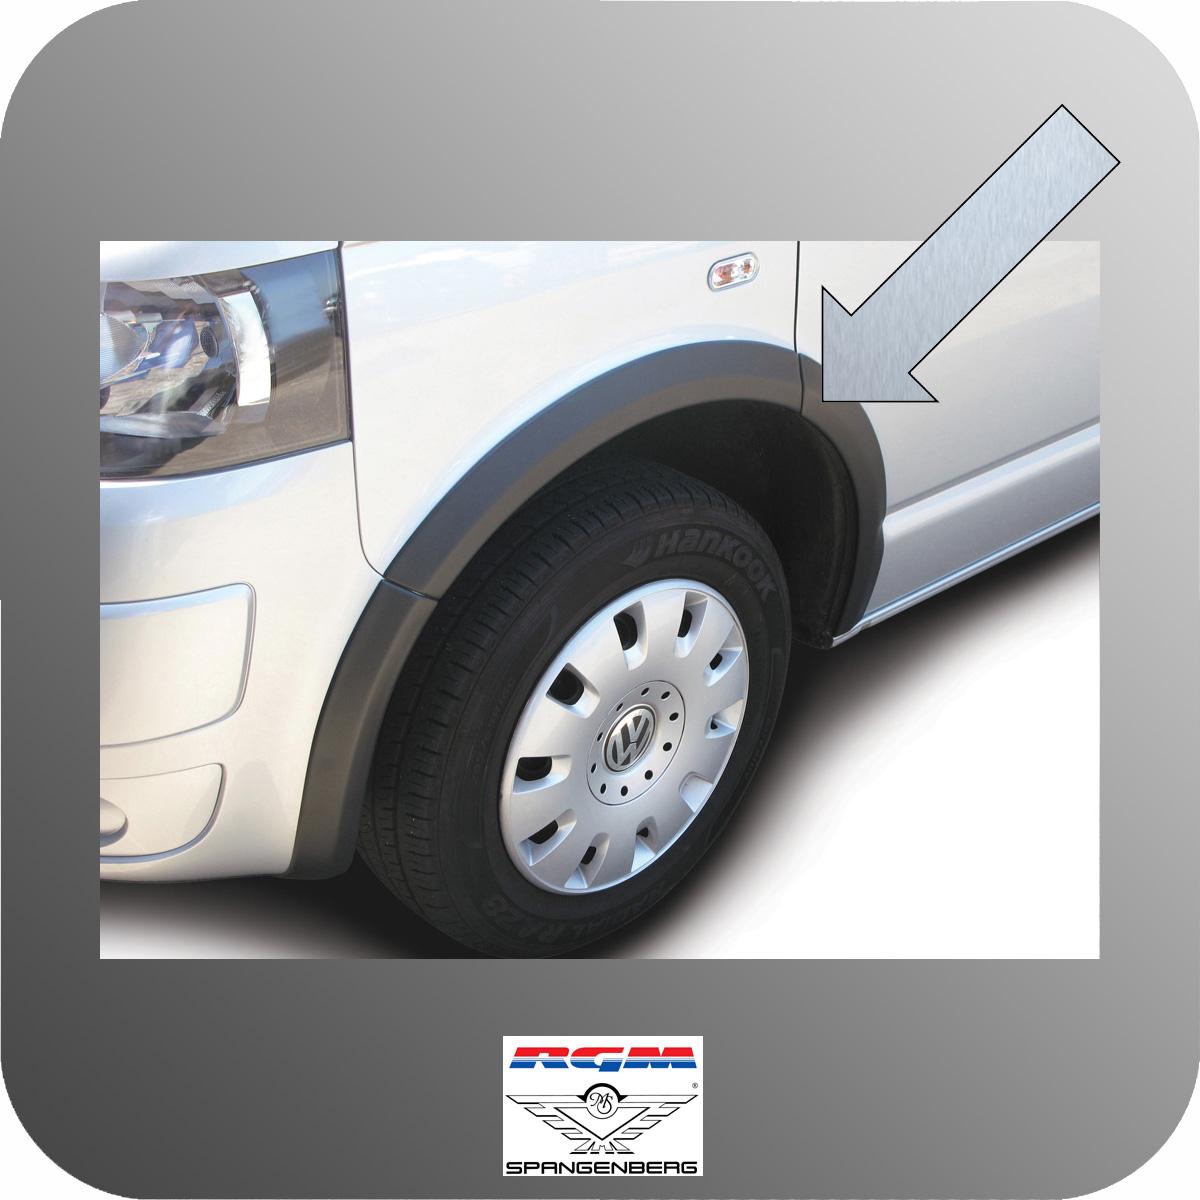 Radlaufabdeckung für VW T5 Radstand lang Schiebetür(-en) 04.2003-01.2015 7420350